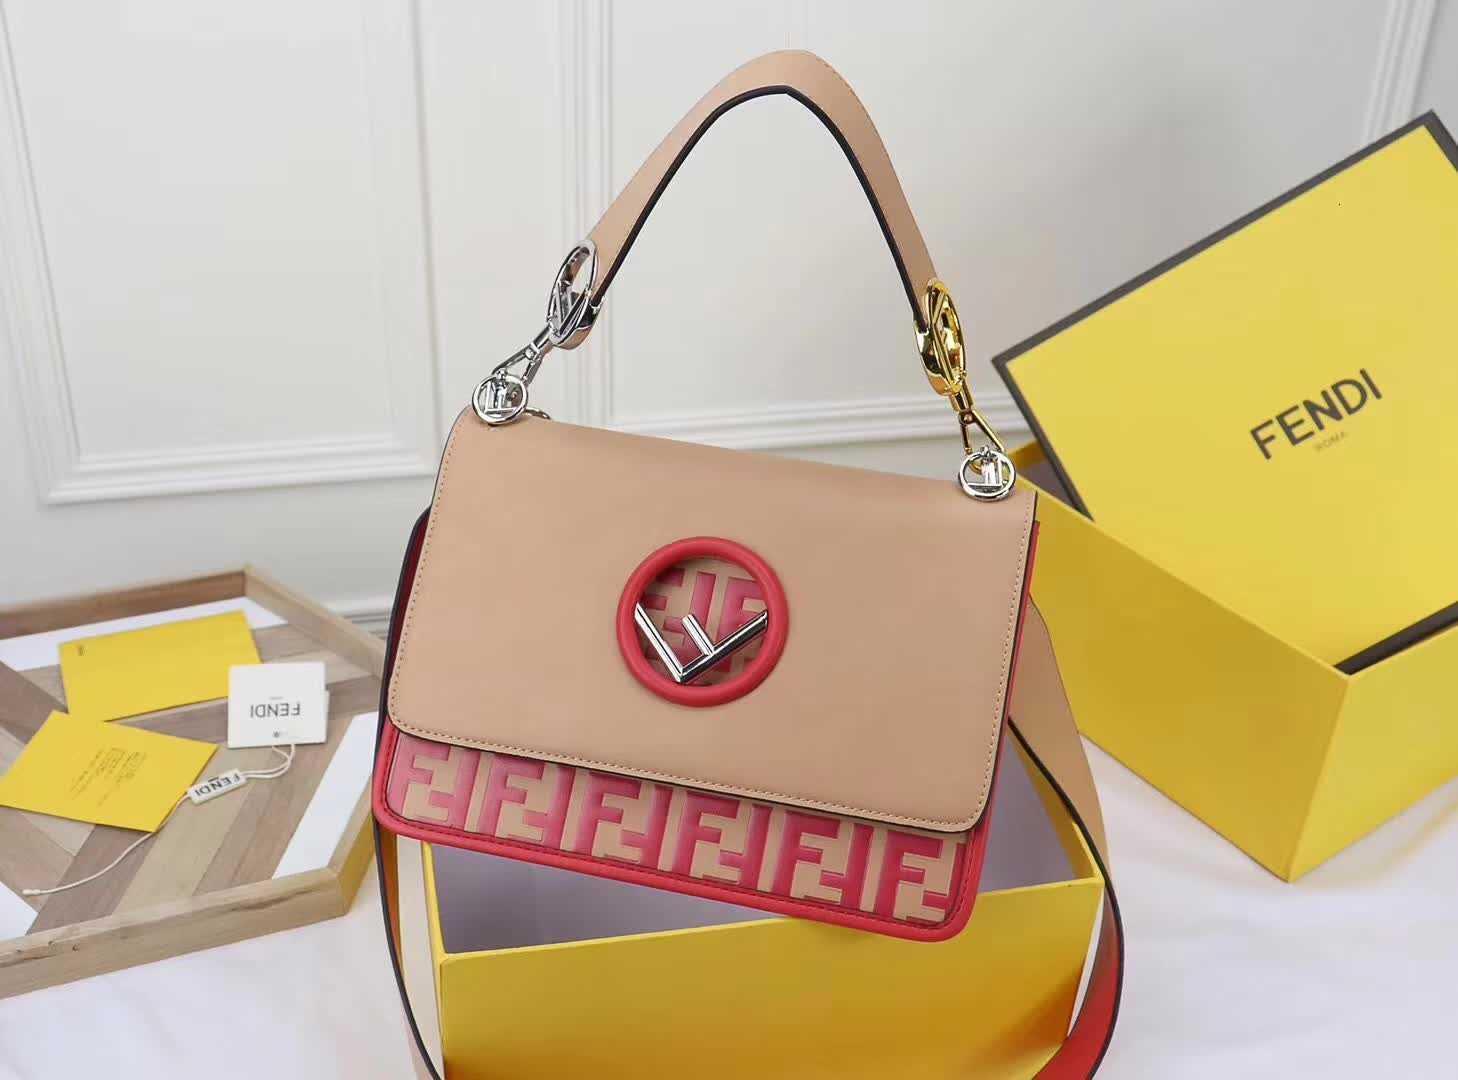 Las nuevas mujeres la alta calidad de cuero de gran capacidad serie bolso en relieve 0129201